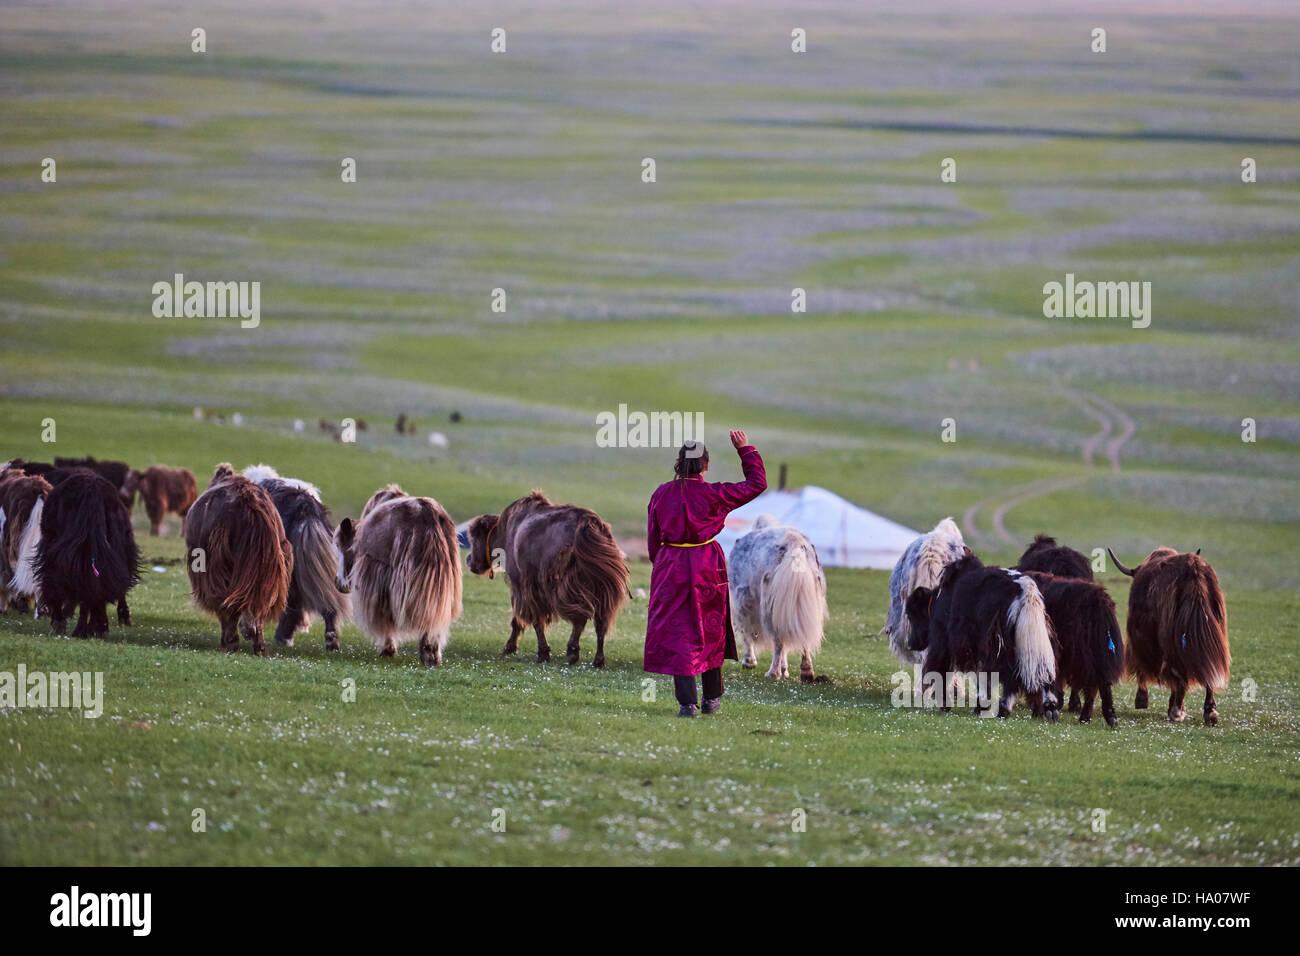 Zentralasien unabhängigen Mongolei Asien Reise Reisen Reiseziel Welt Kultur Wort Ziel Jak Melken Veau Kalbfleisch Stockbild